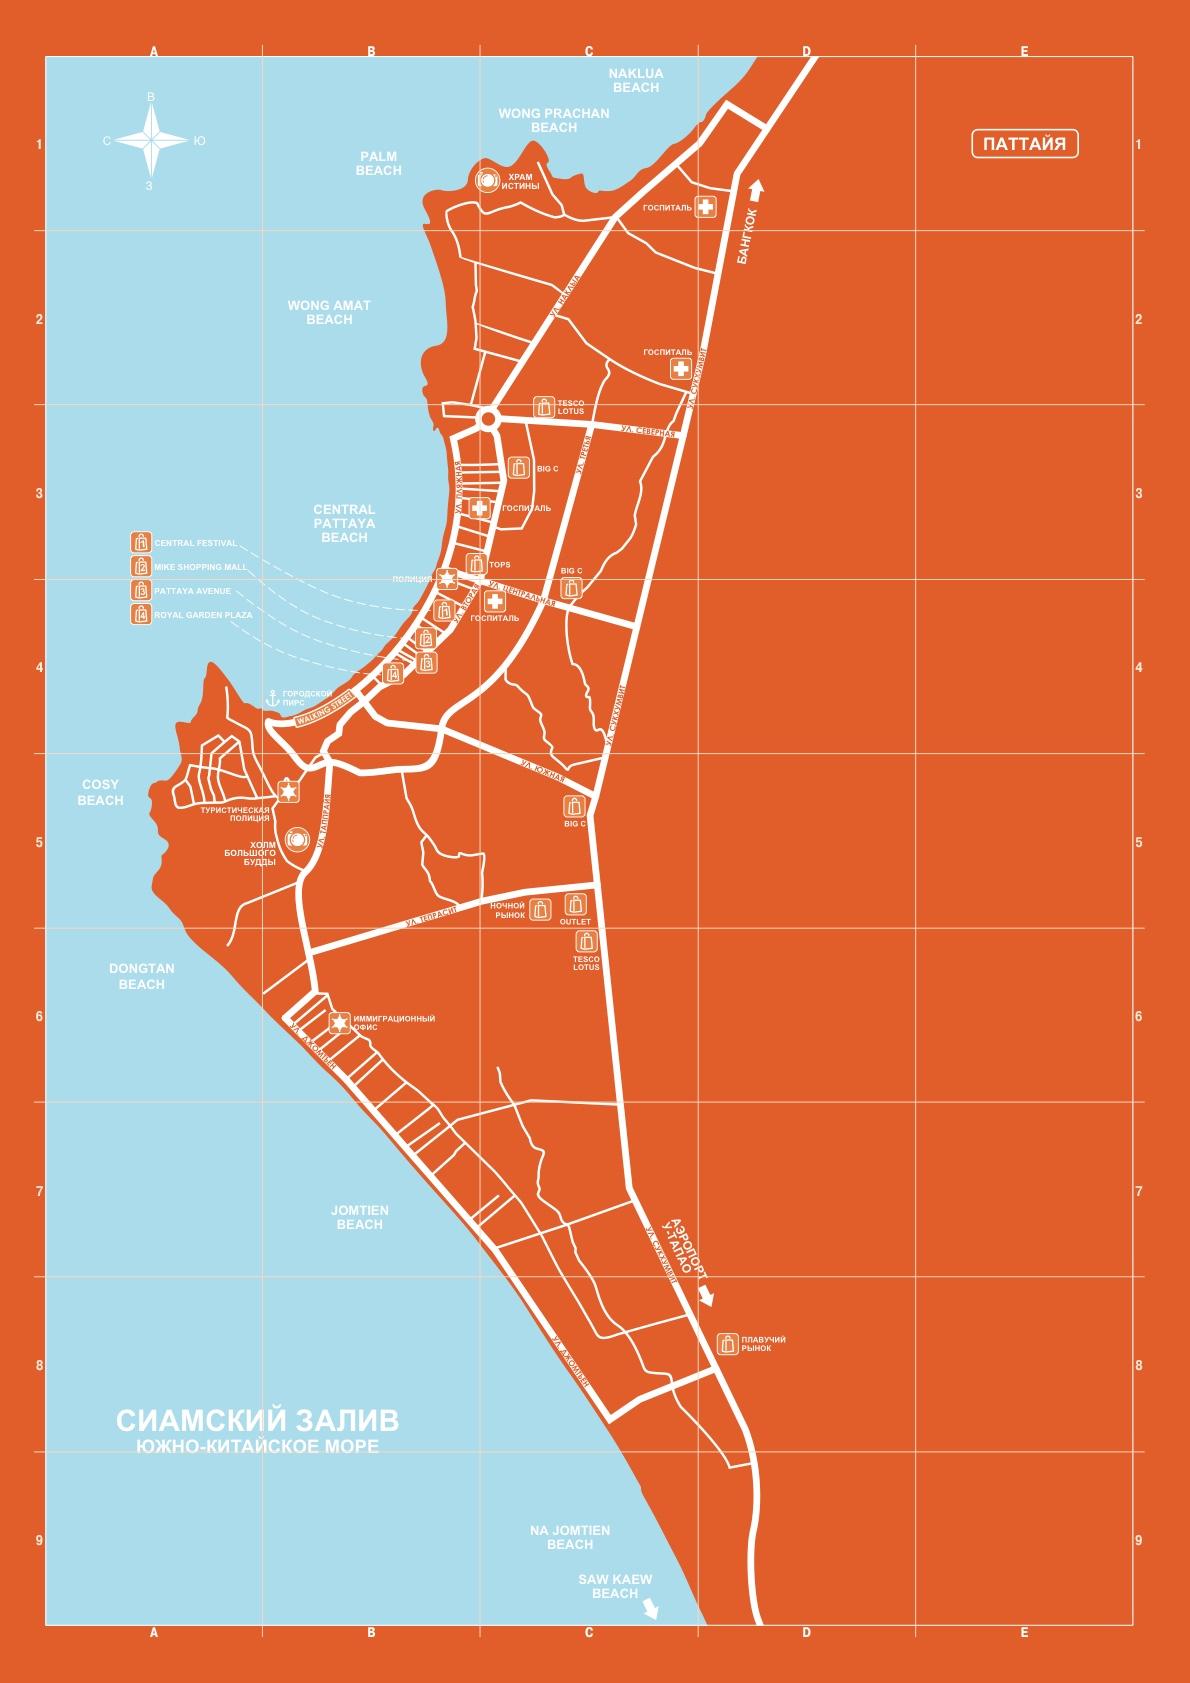 Схема города с популярными магазинами и крупнейшими торговыми центрами